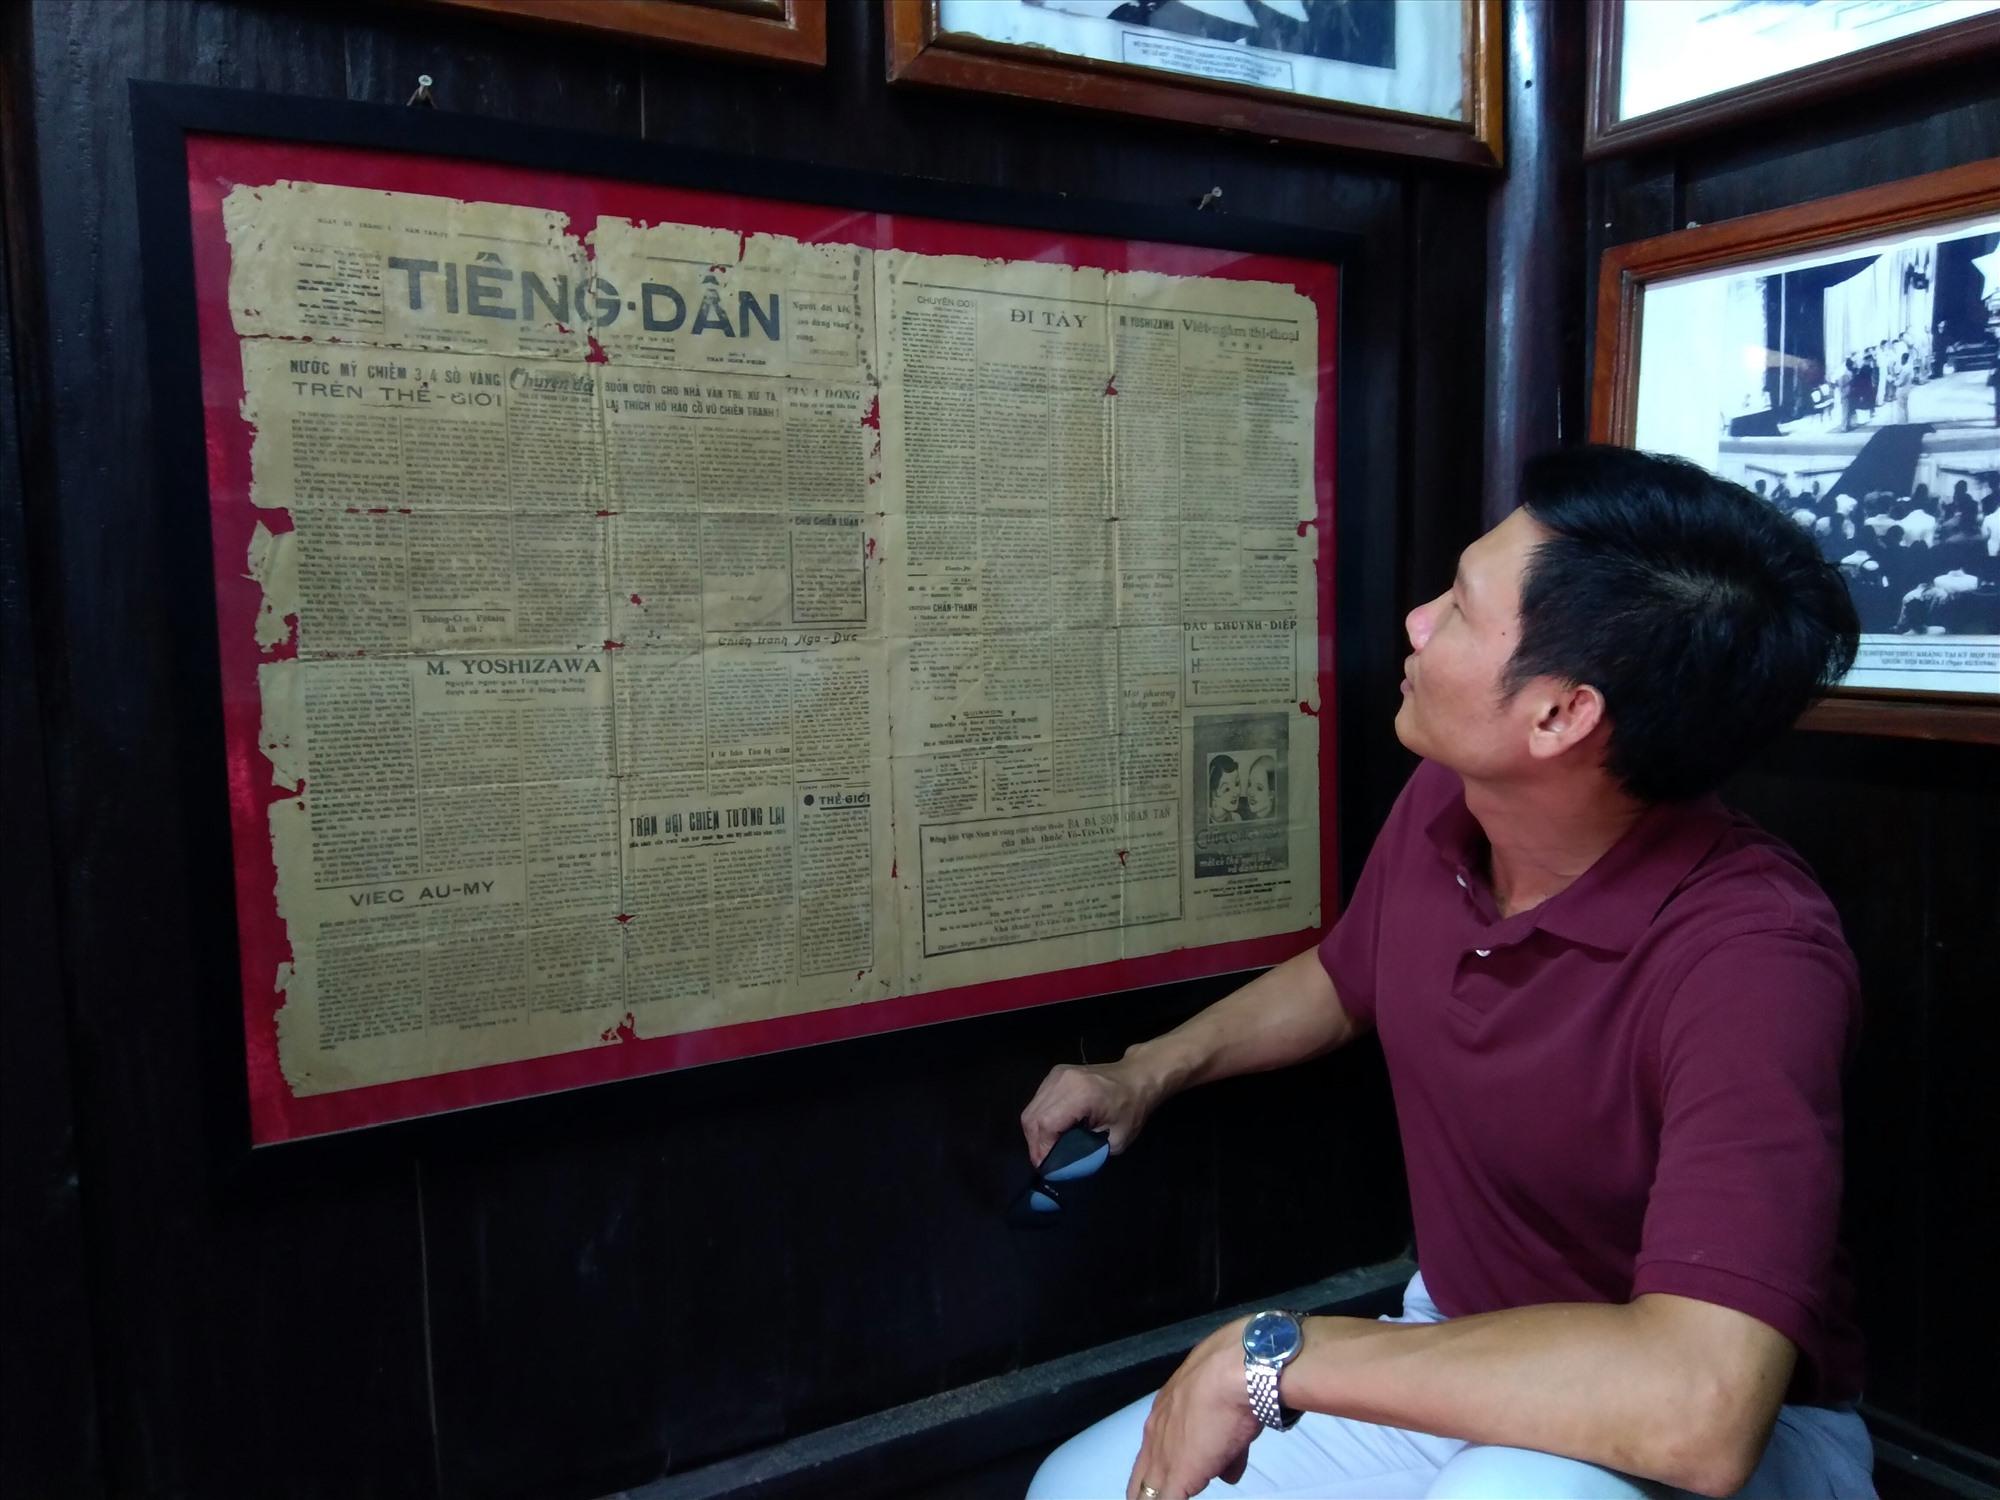 Tờ báo Tiếng Dân - kỷ vật trưng bày tại Nhà lưu niệm cụ Huỳnh Thúc Kháng ở Tiên Phước. Ảnh: LÊ VŨ